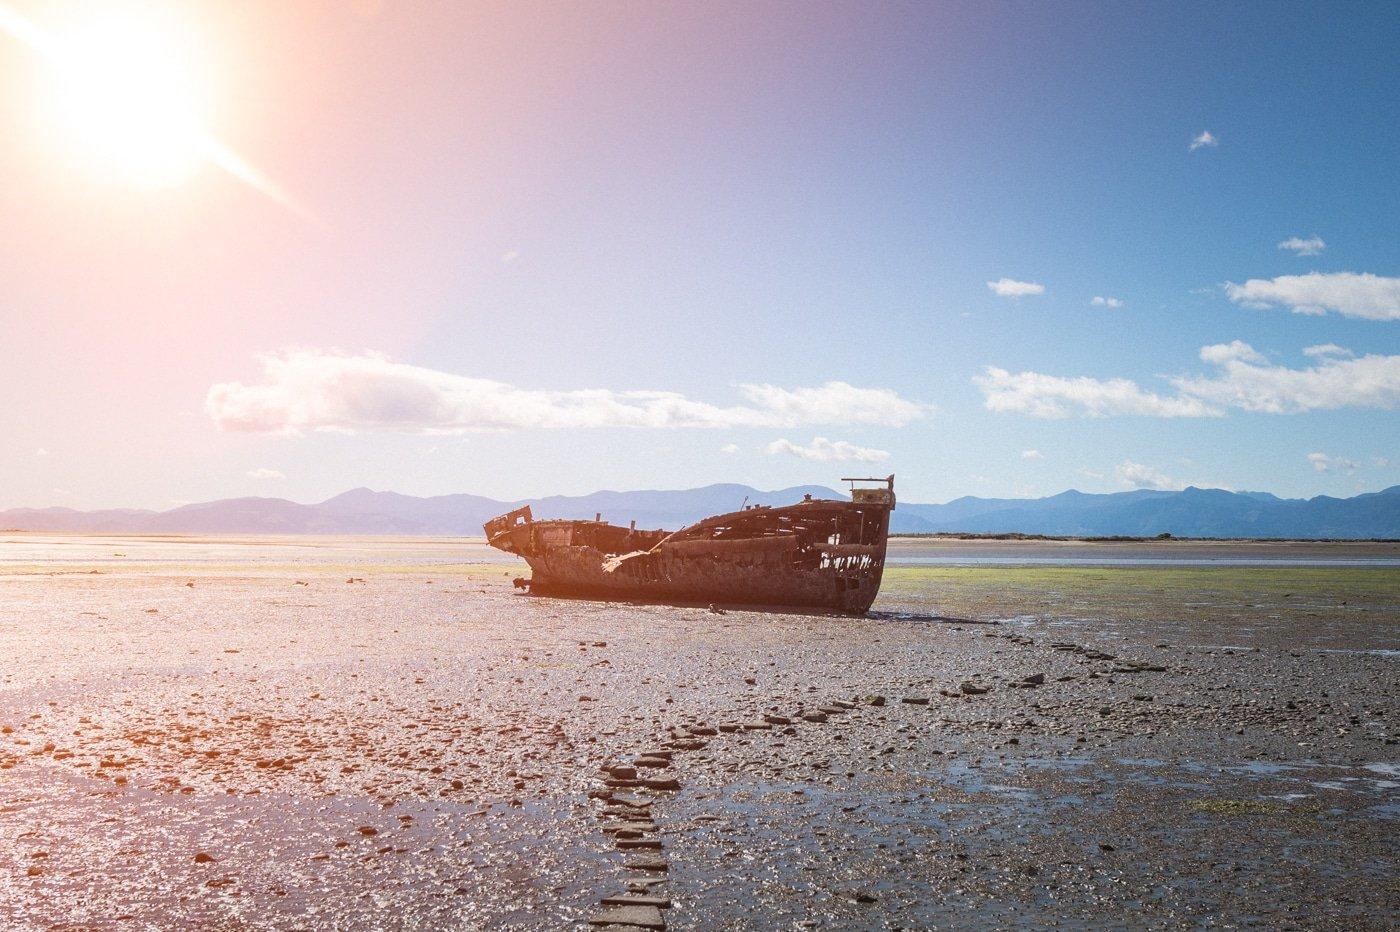 Motueka shipwreck